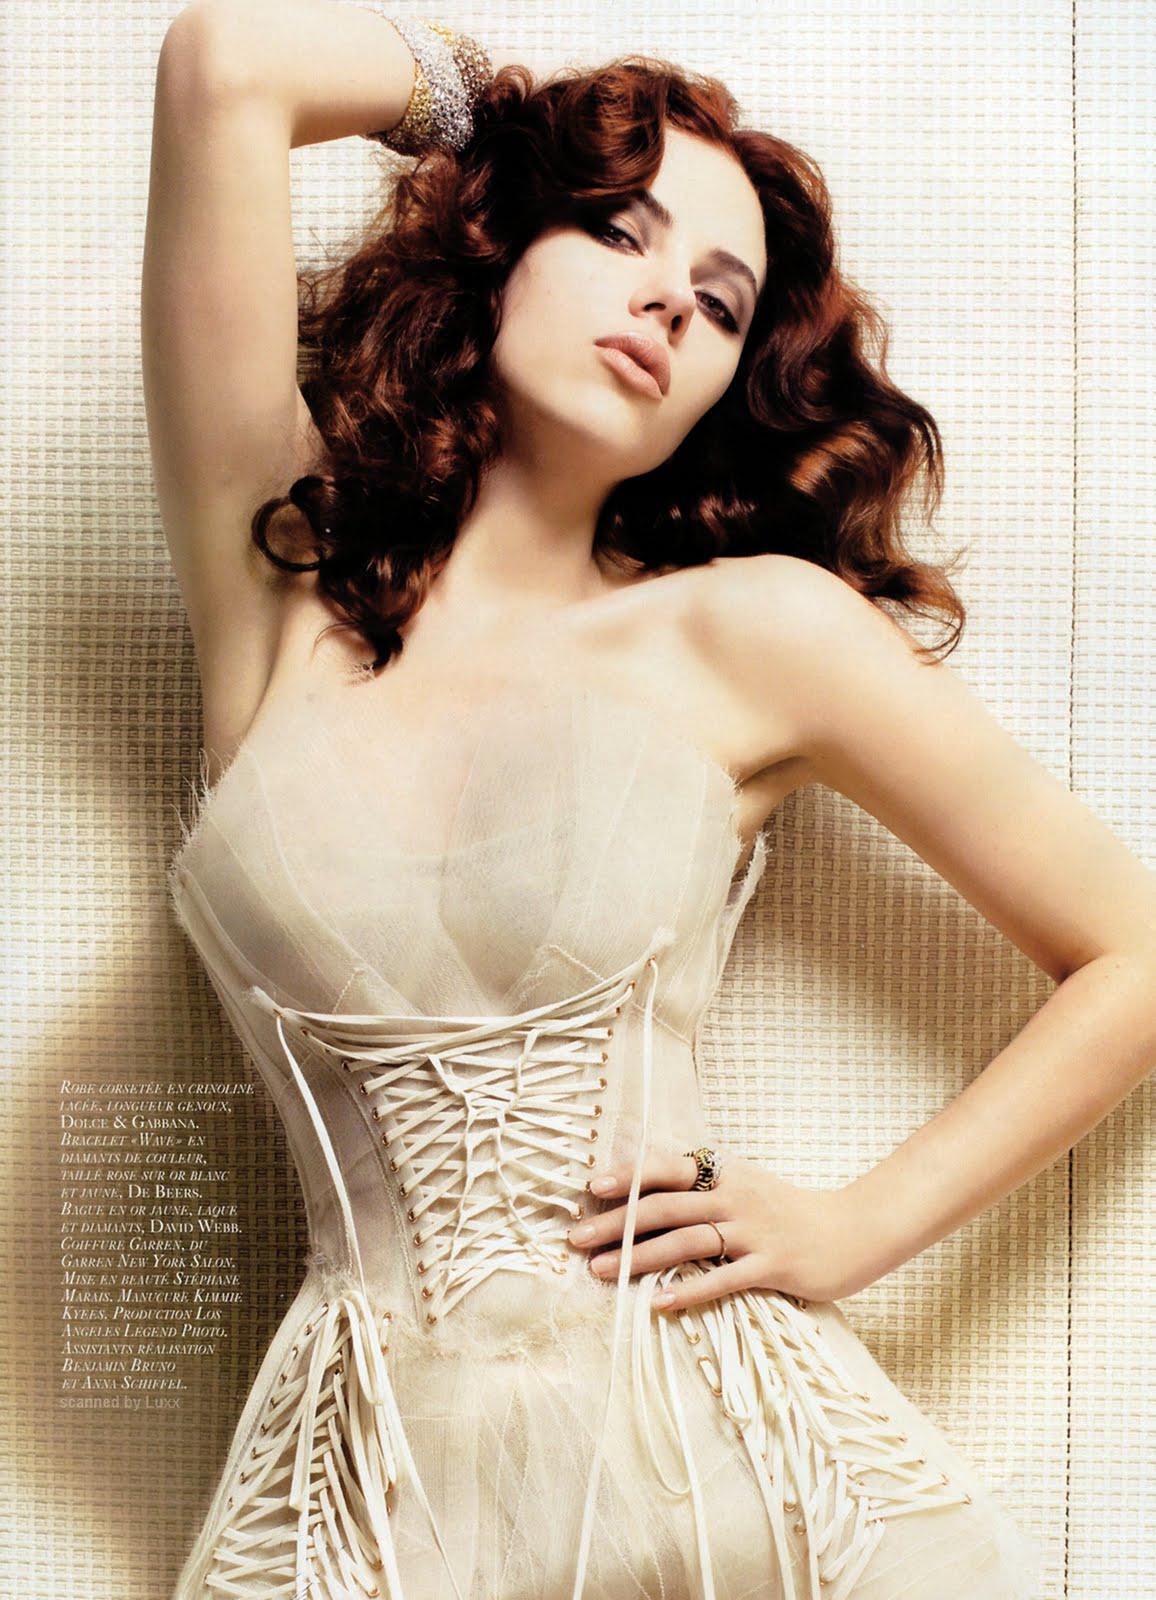 http://1.bp.blogspot.com/_YzoNgr0eLEo/TU5hpph6NpI/AAAAAAAAHrA/FNcApvc-4wY/s1600/31257_Scarlett_JOhansson_Vogue_931_122_8lo.jpg